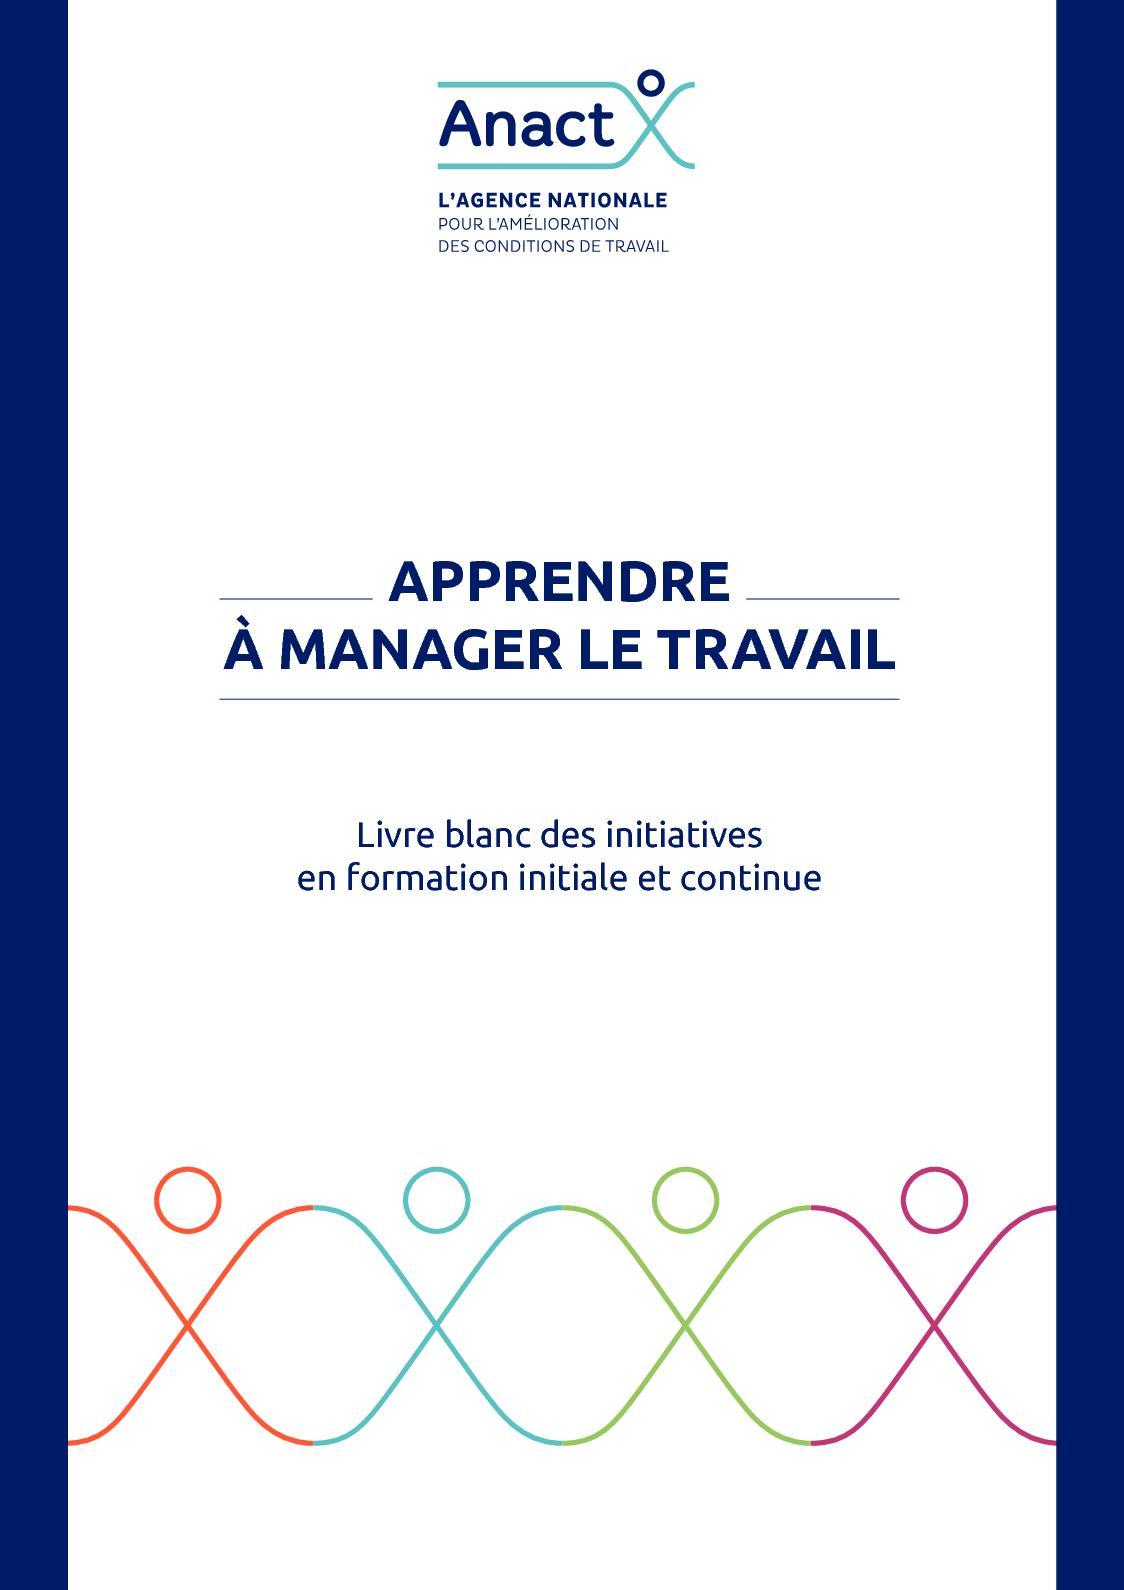 Livre blanc Apprendre à manager le travail - Anact